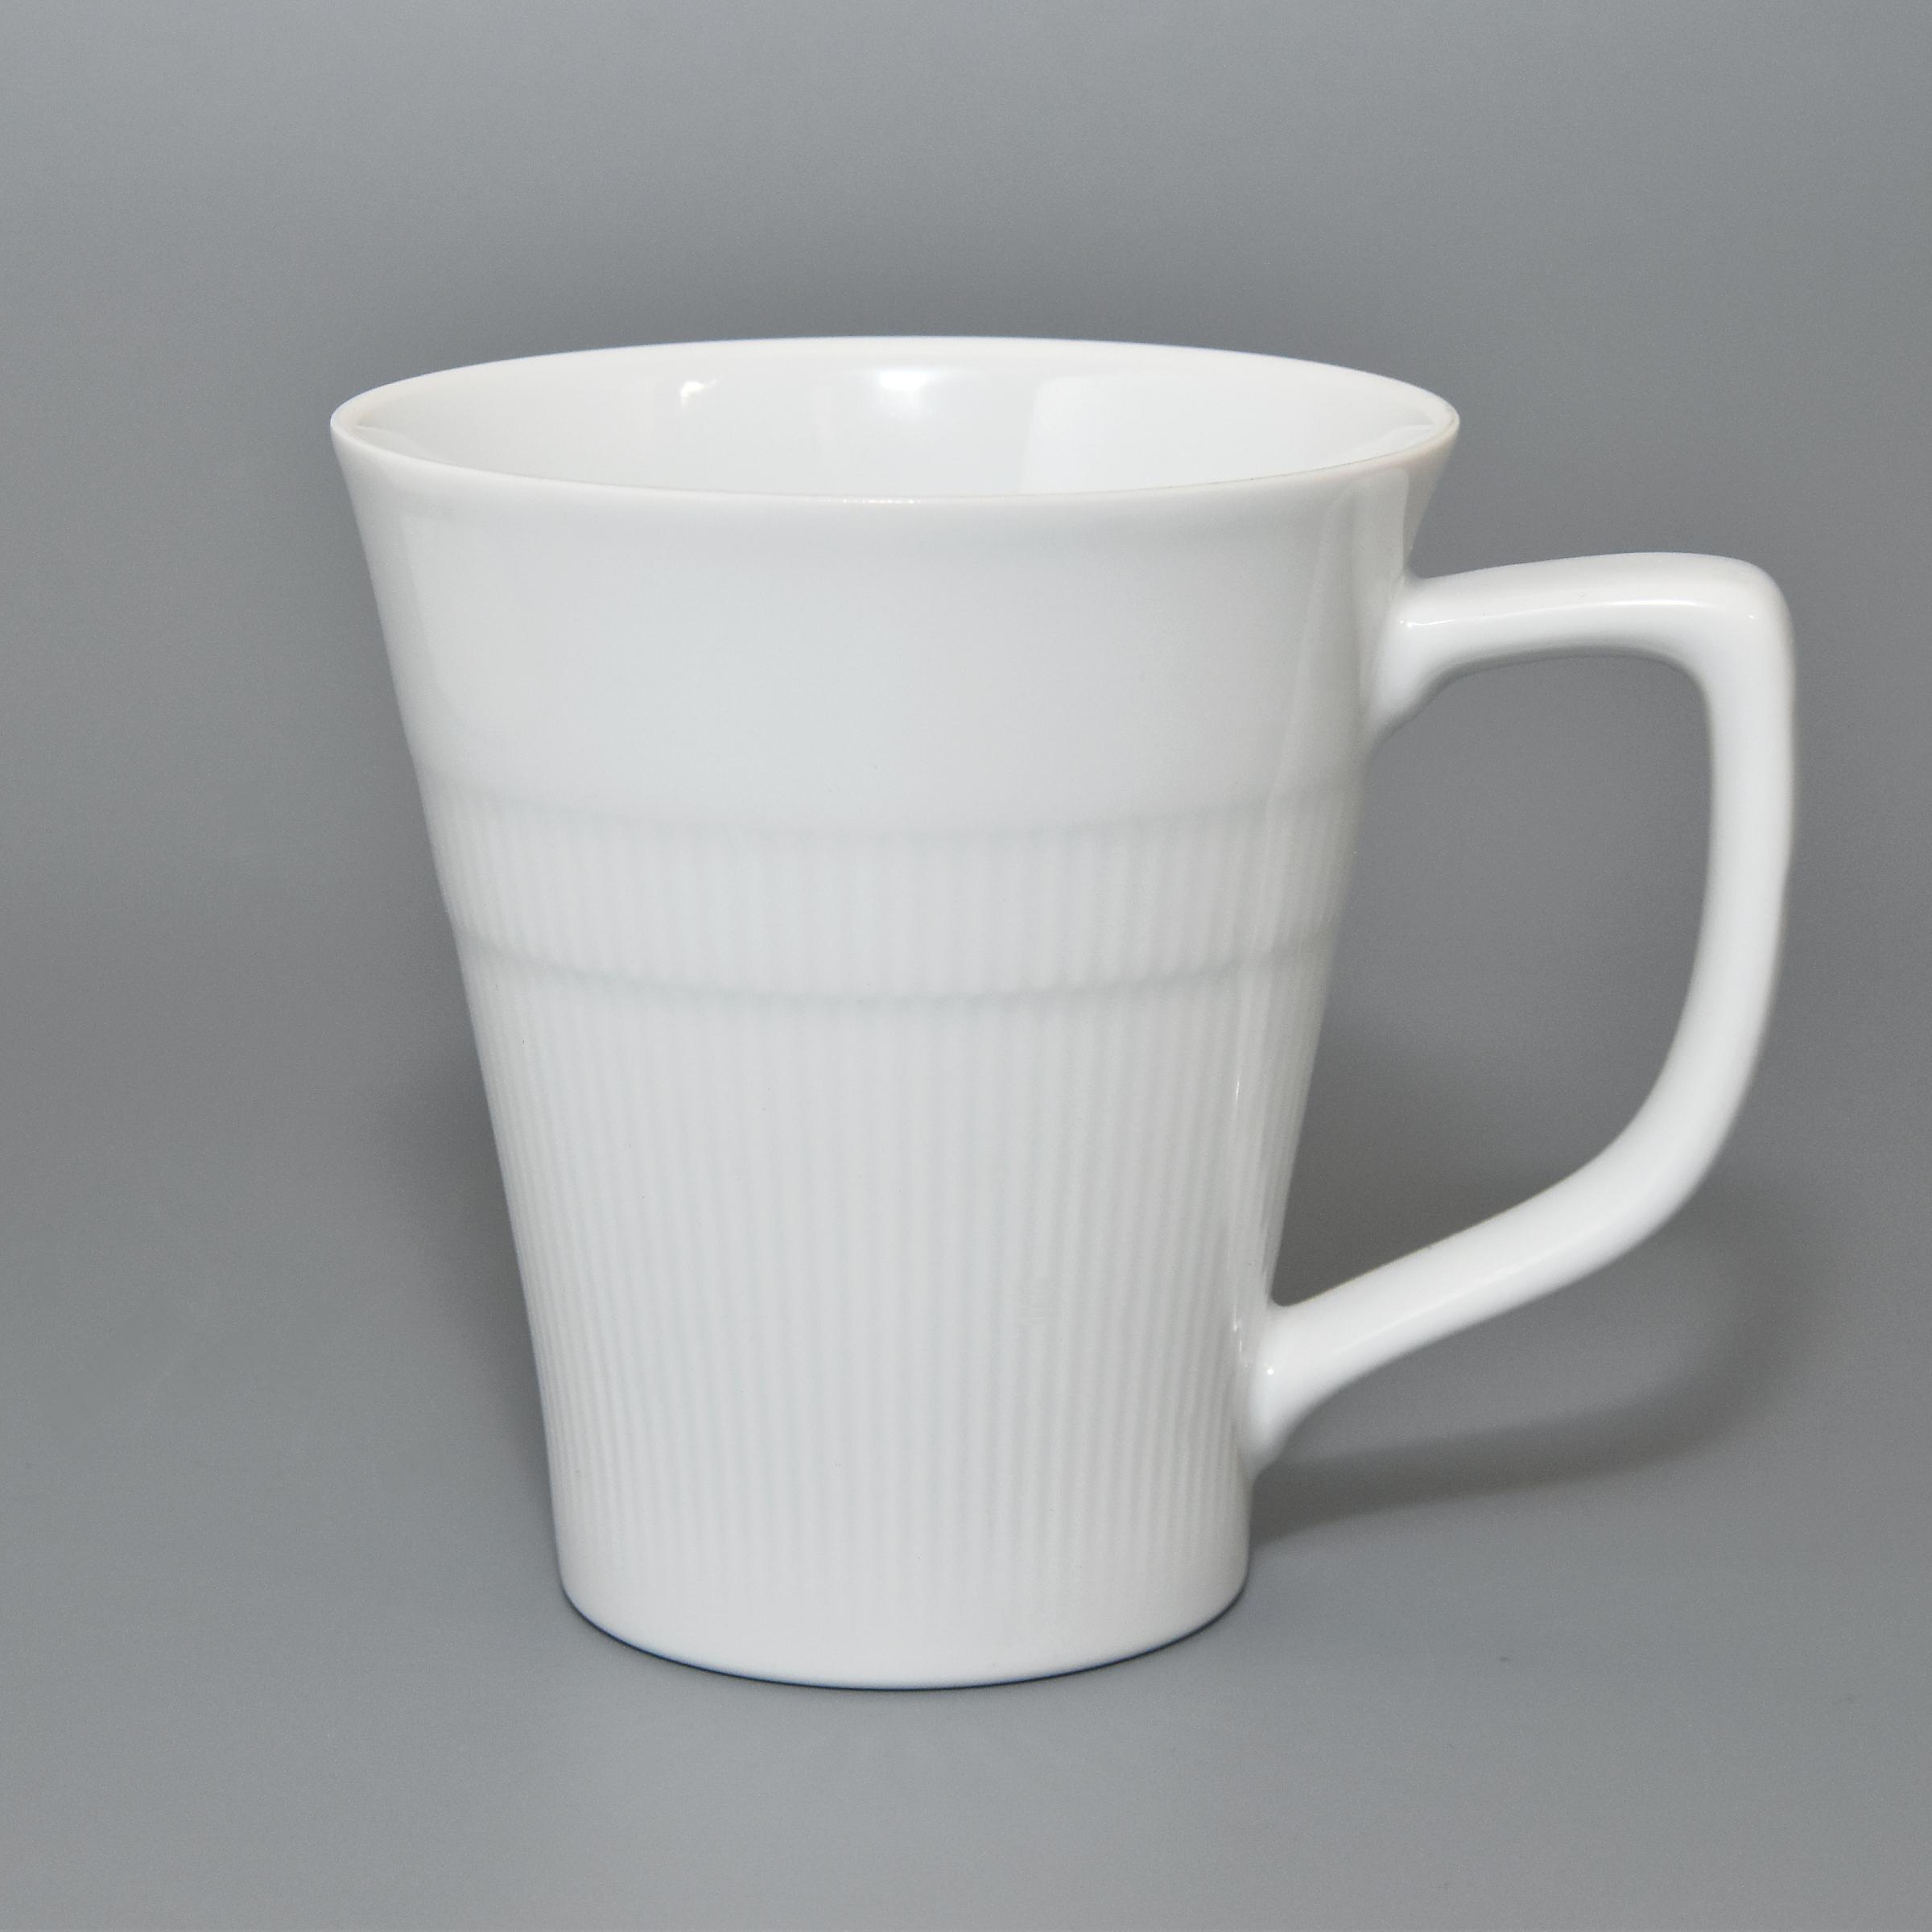 (ホワイト&レリーフ)マグカップ(香蘭社)